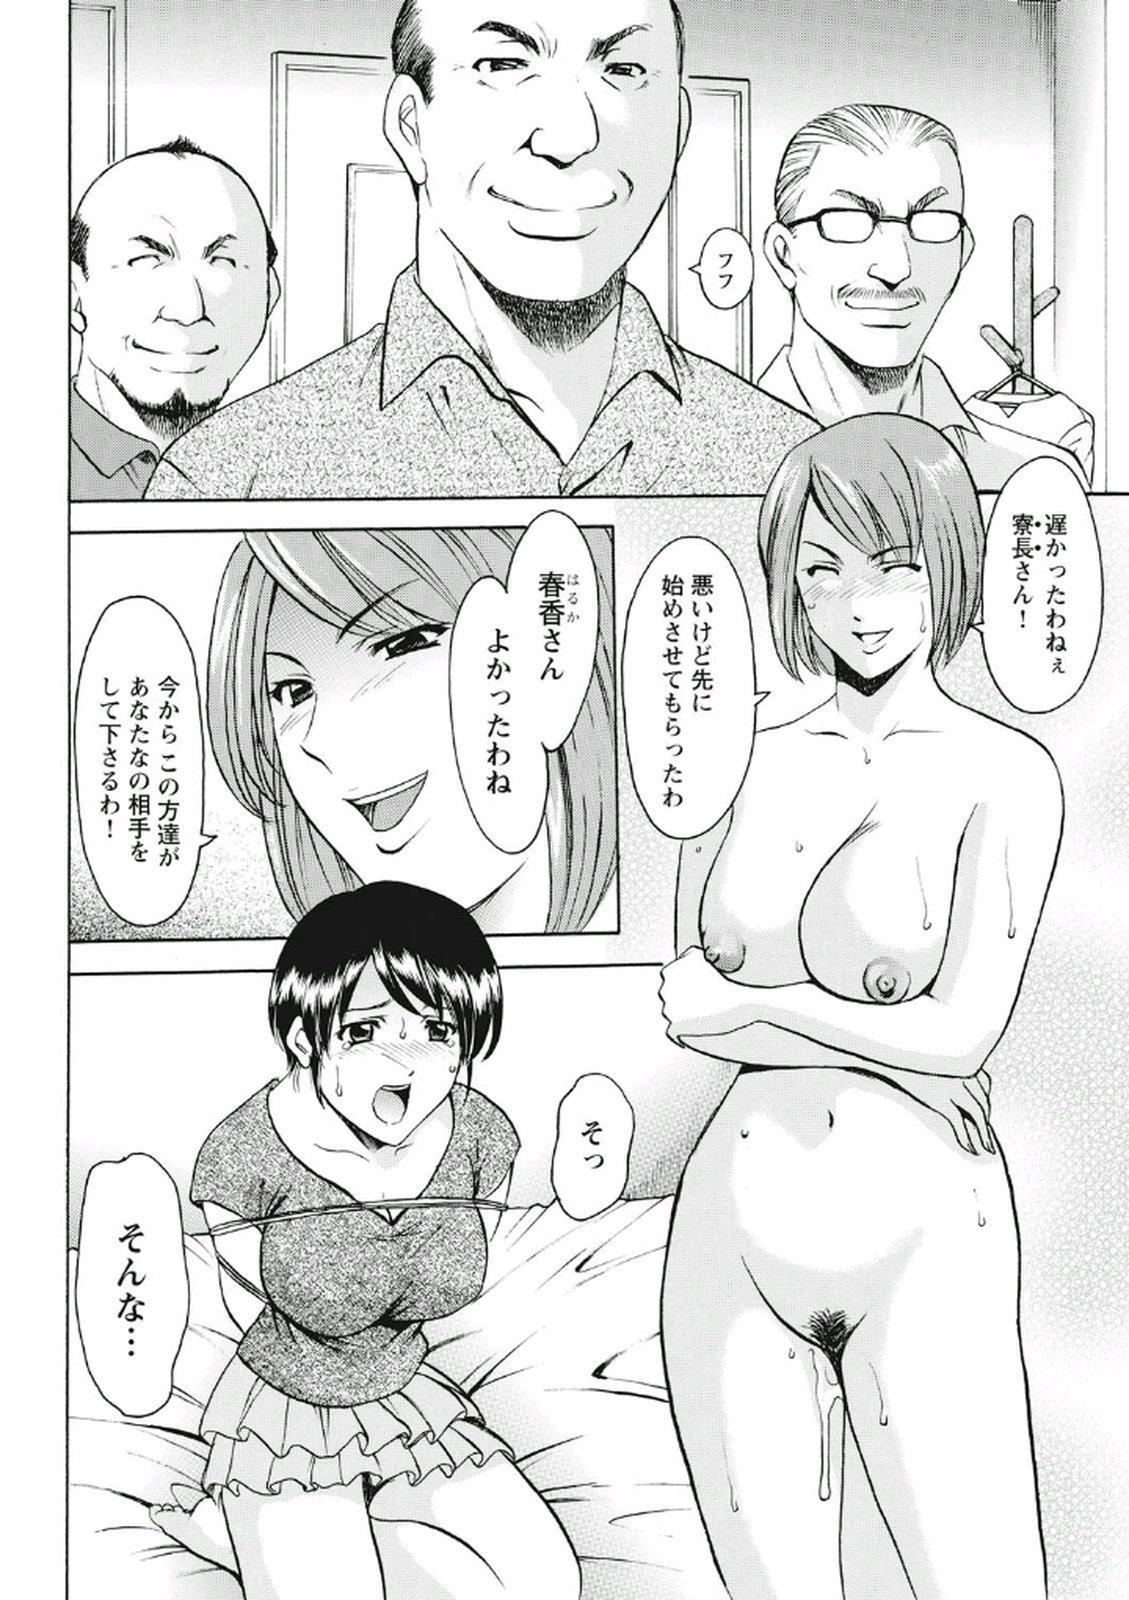 Chijoku Byoutou 69